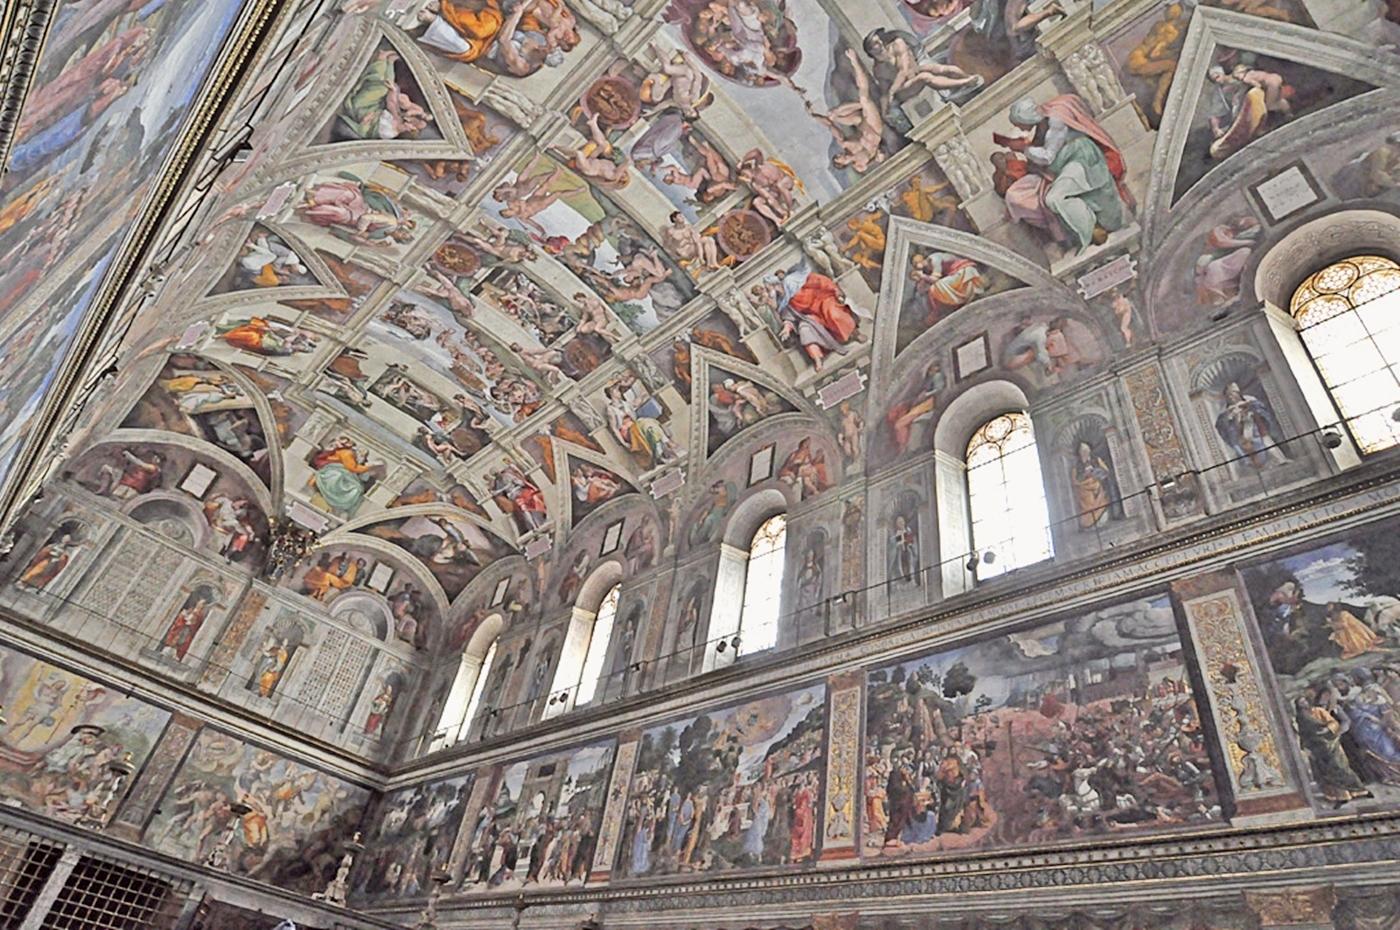 Sistine Chapel Ceiling sktop